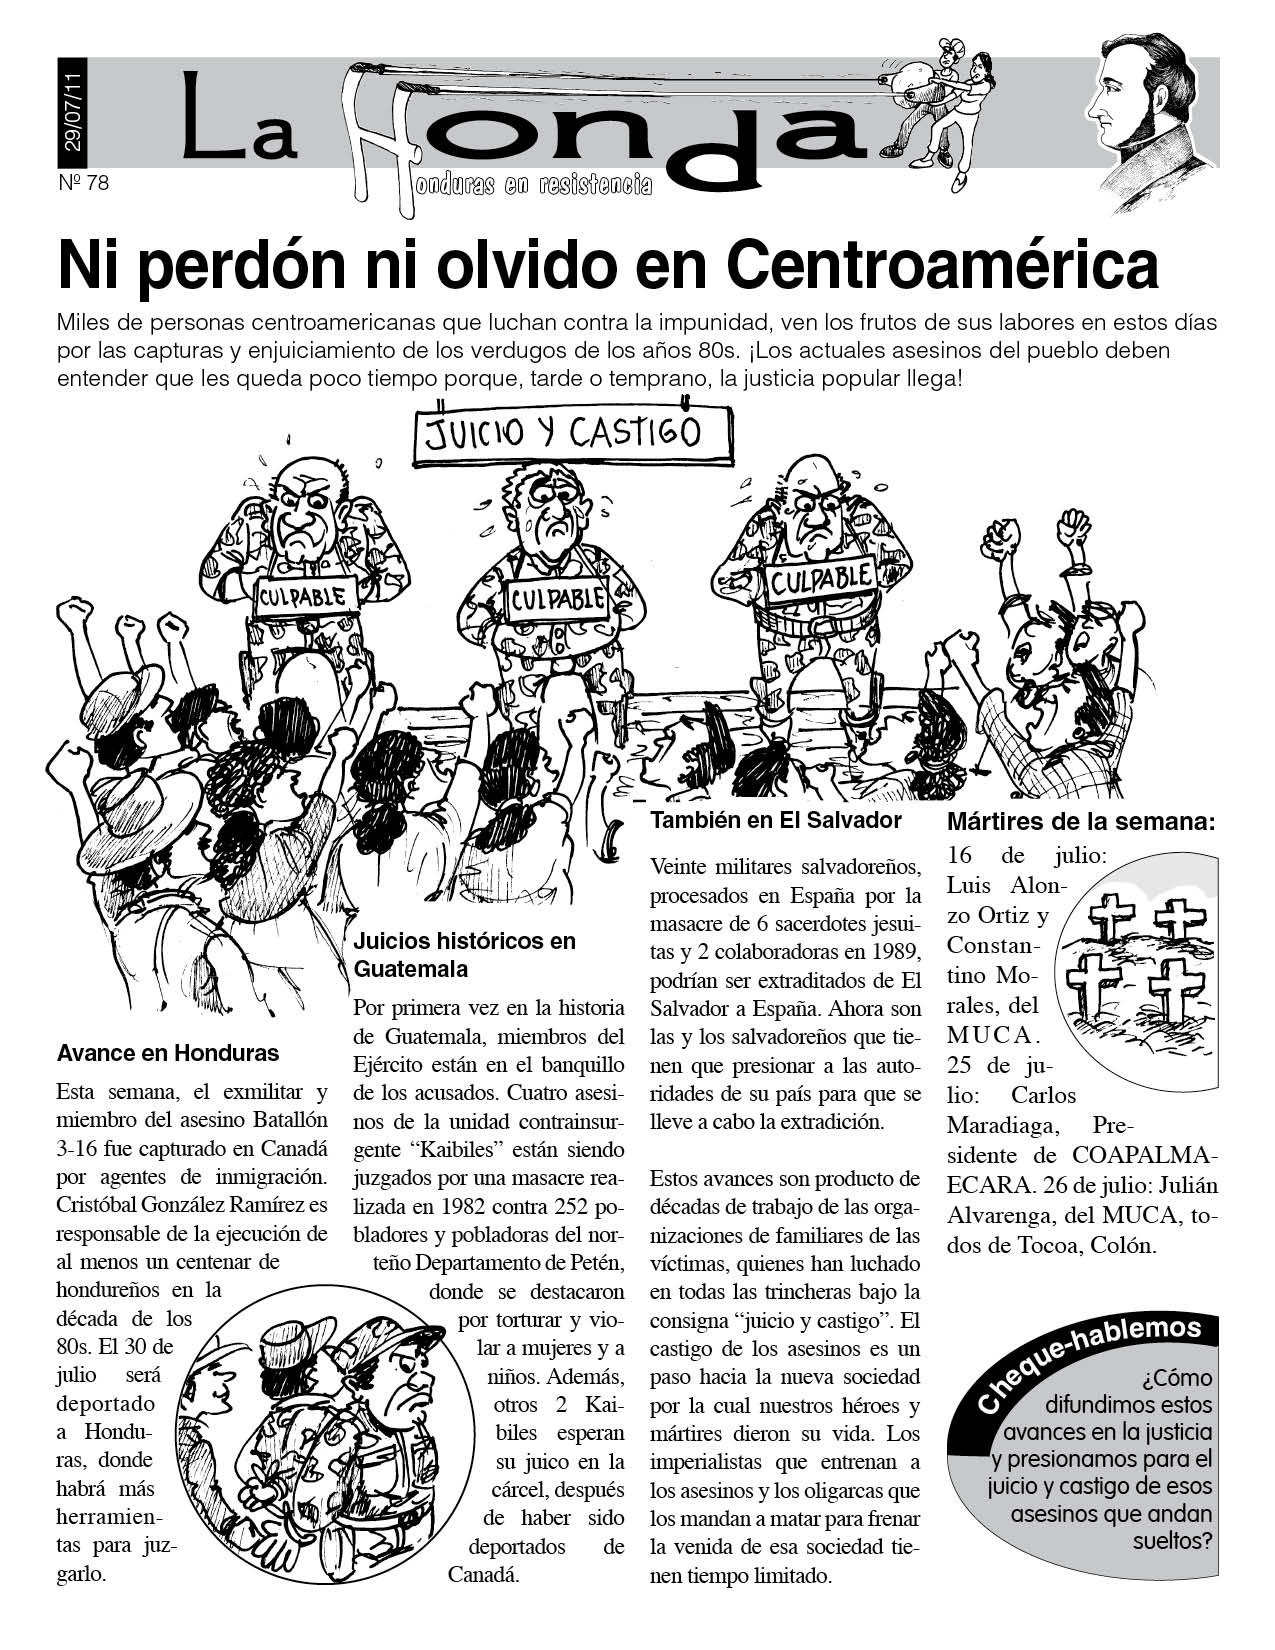 La Honda 78: Ni perdón ni olvido en Centroamérica